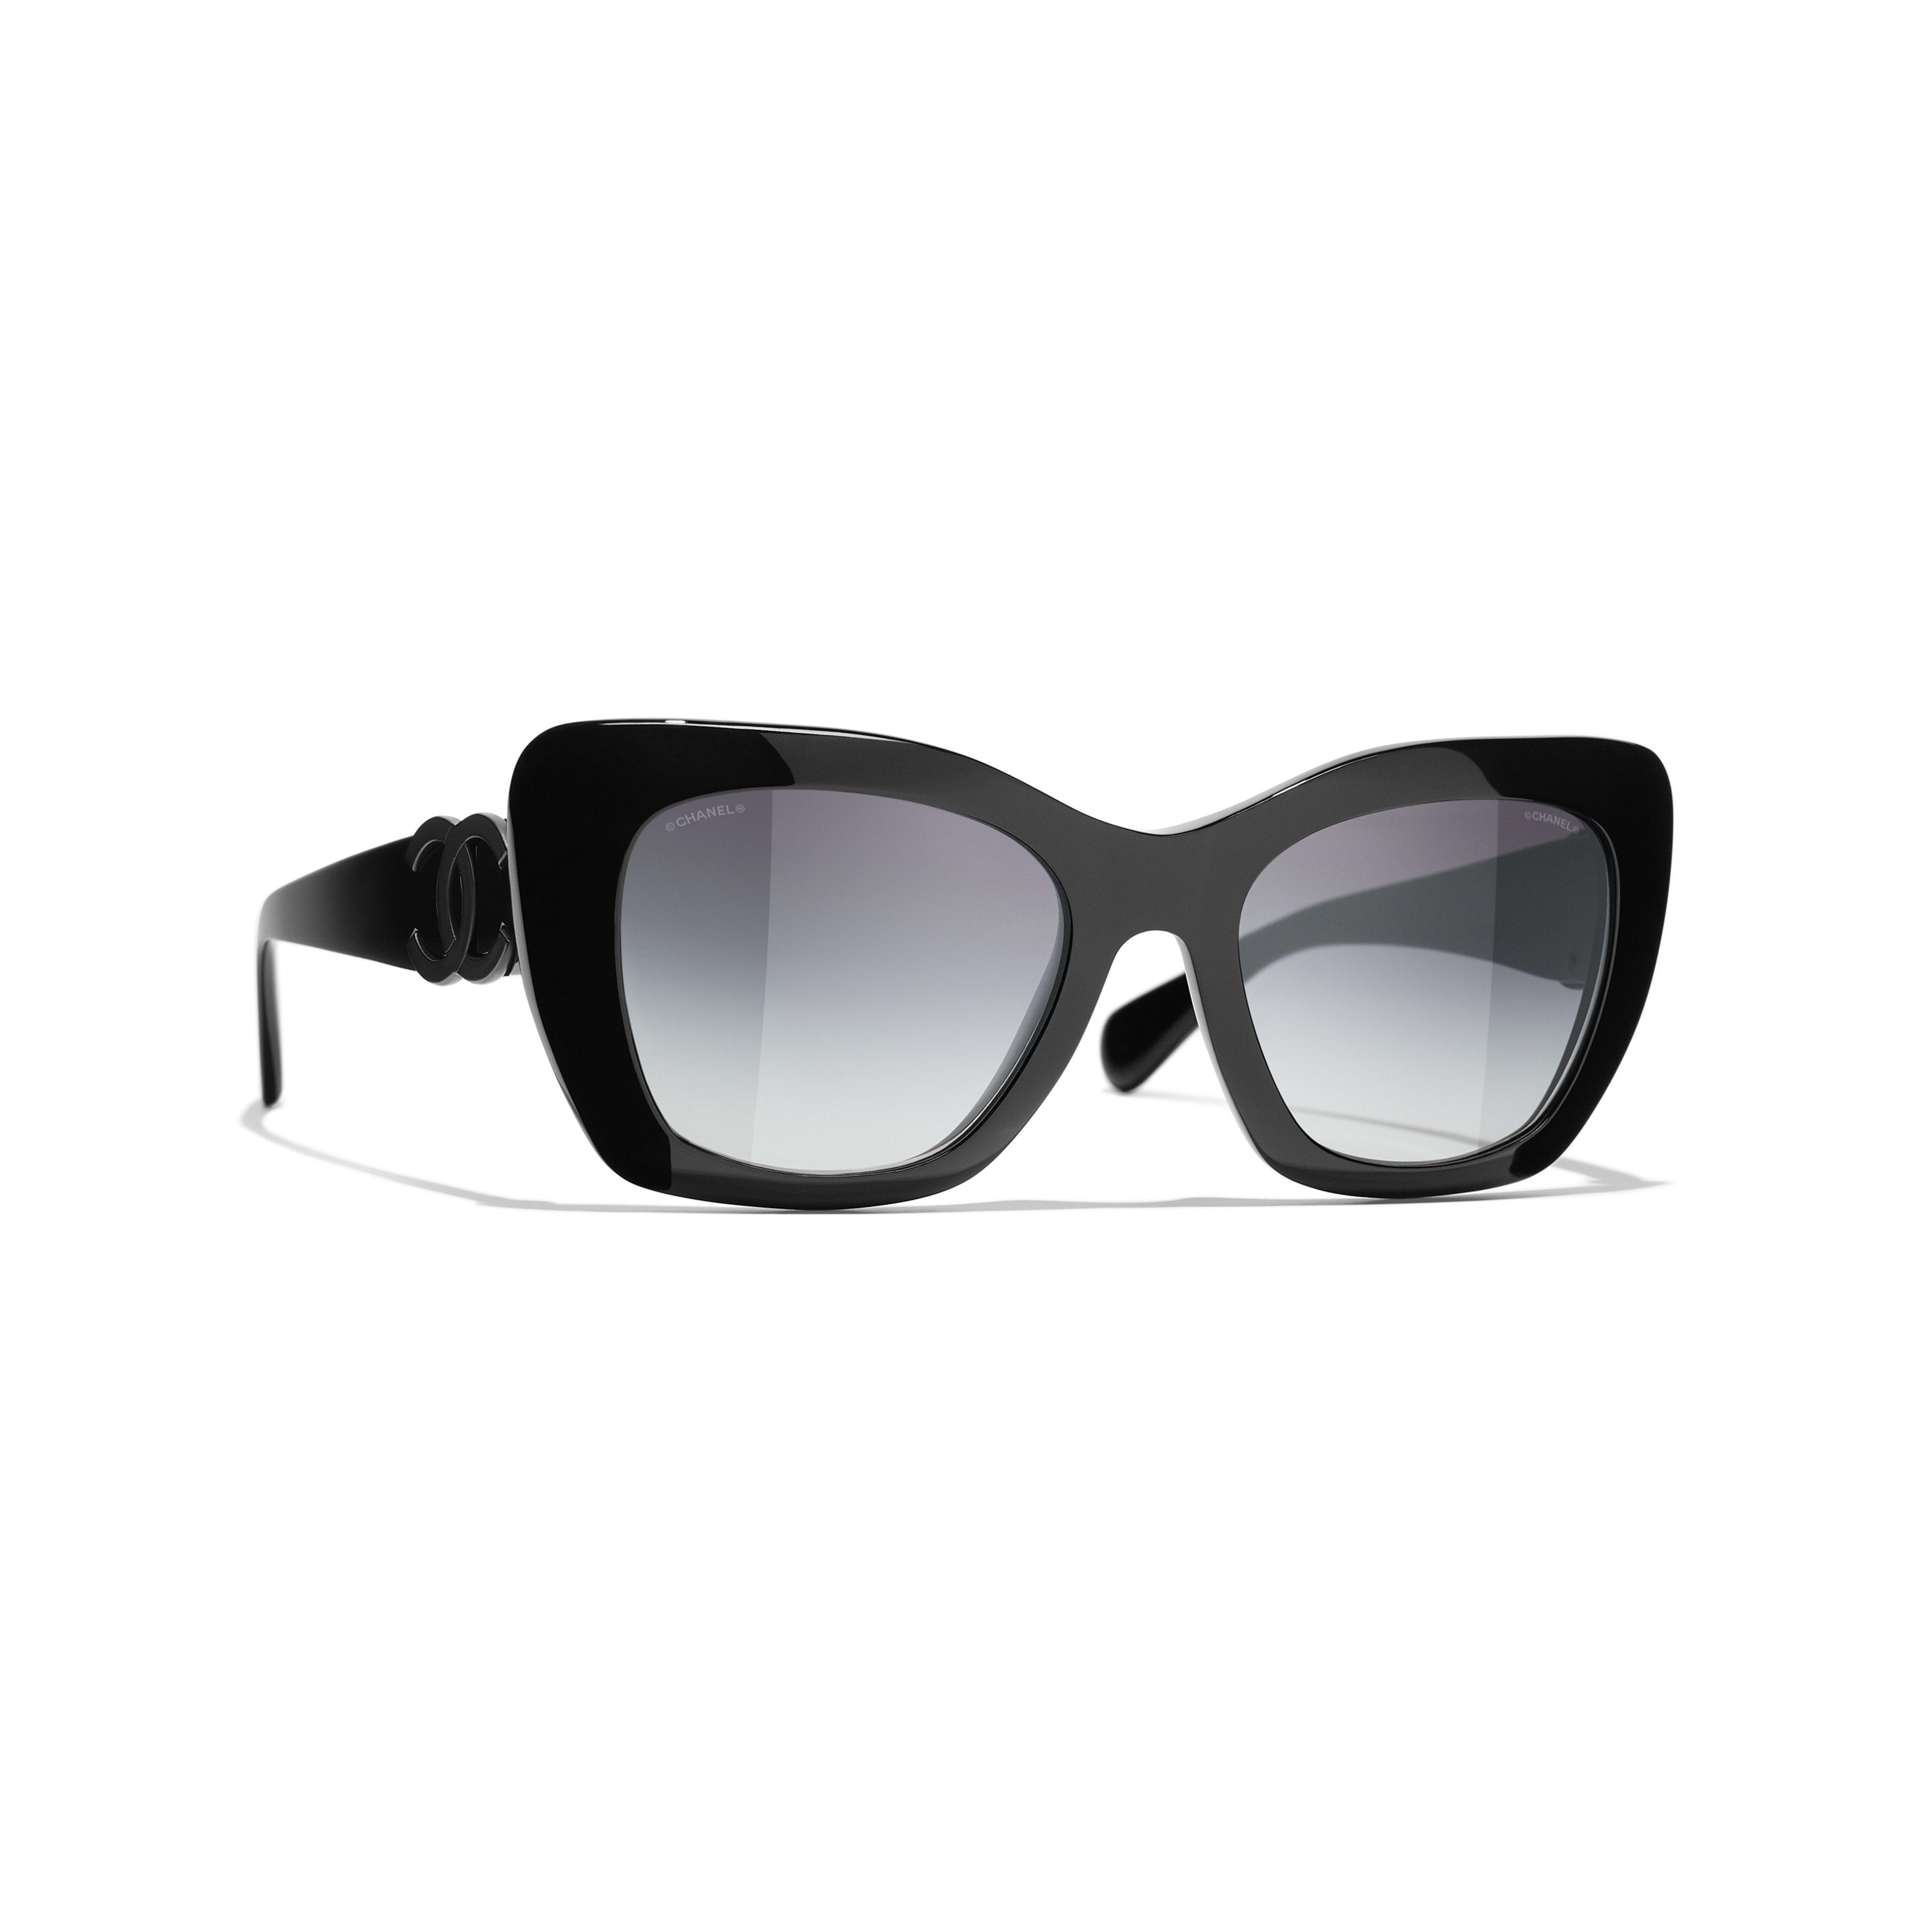 Lunettes œil de chat - Noir - Acétate - CHANEL - Vue par défaut - voir la version taille standard